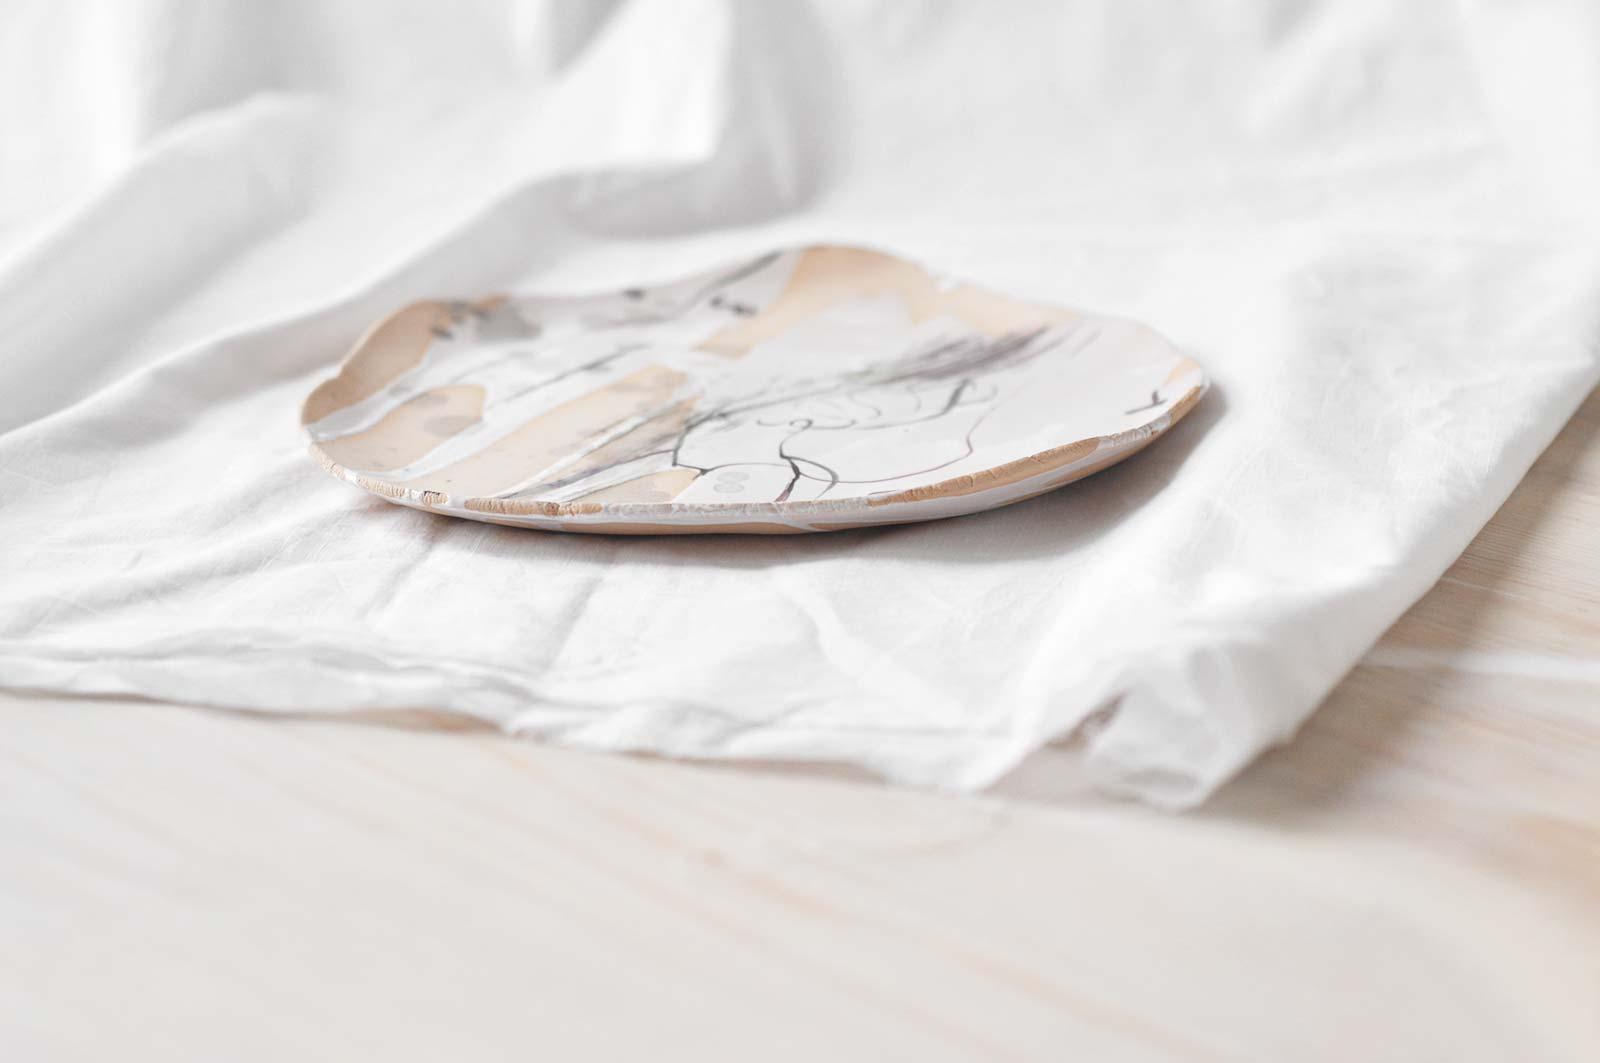 Вид сбоку - Плоская декоративная тарелка (Ручная работа)